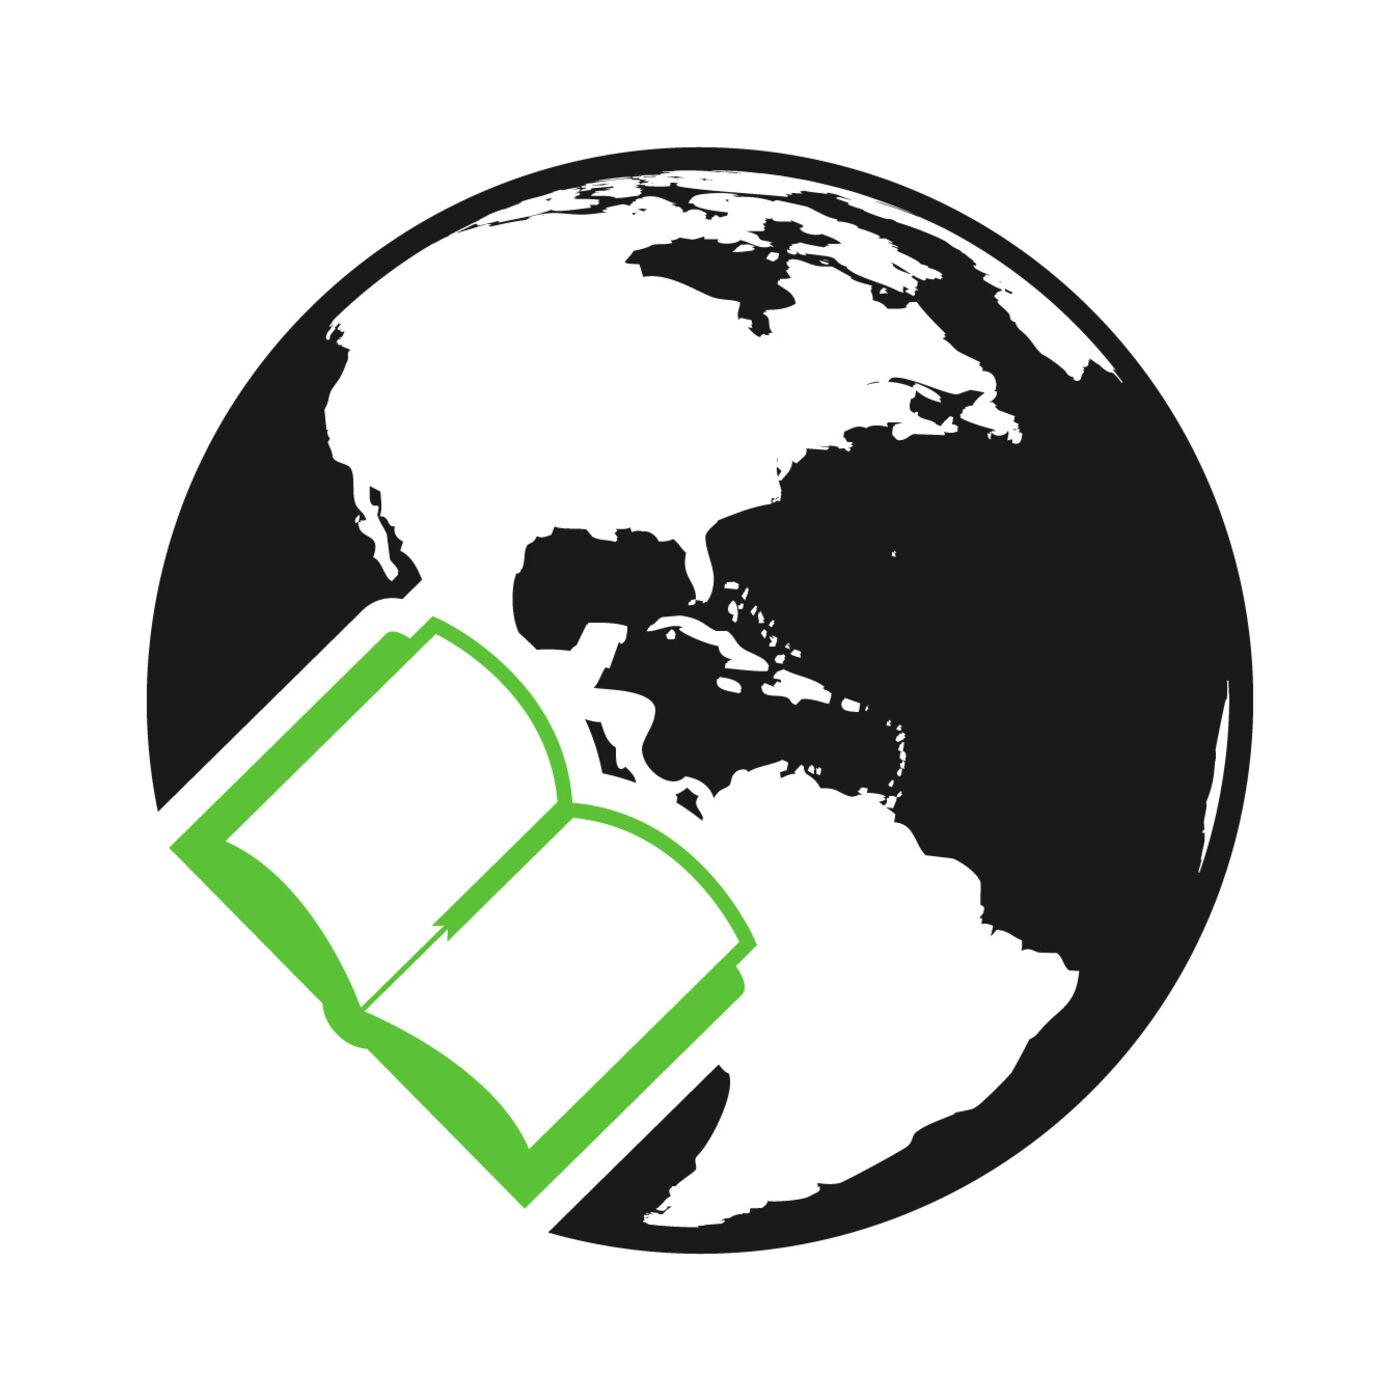 ספר ששינה את העולם ב-45 דקות